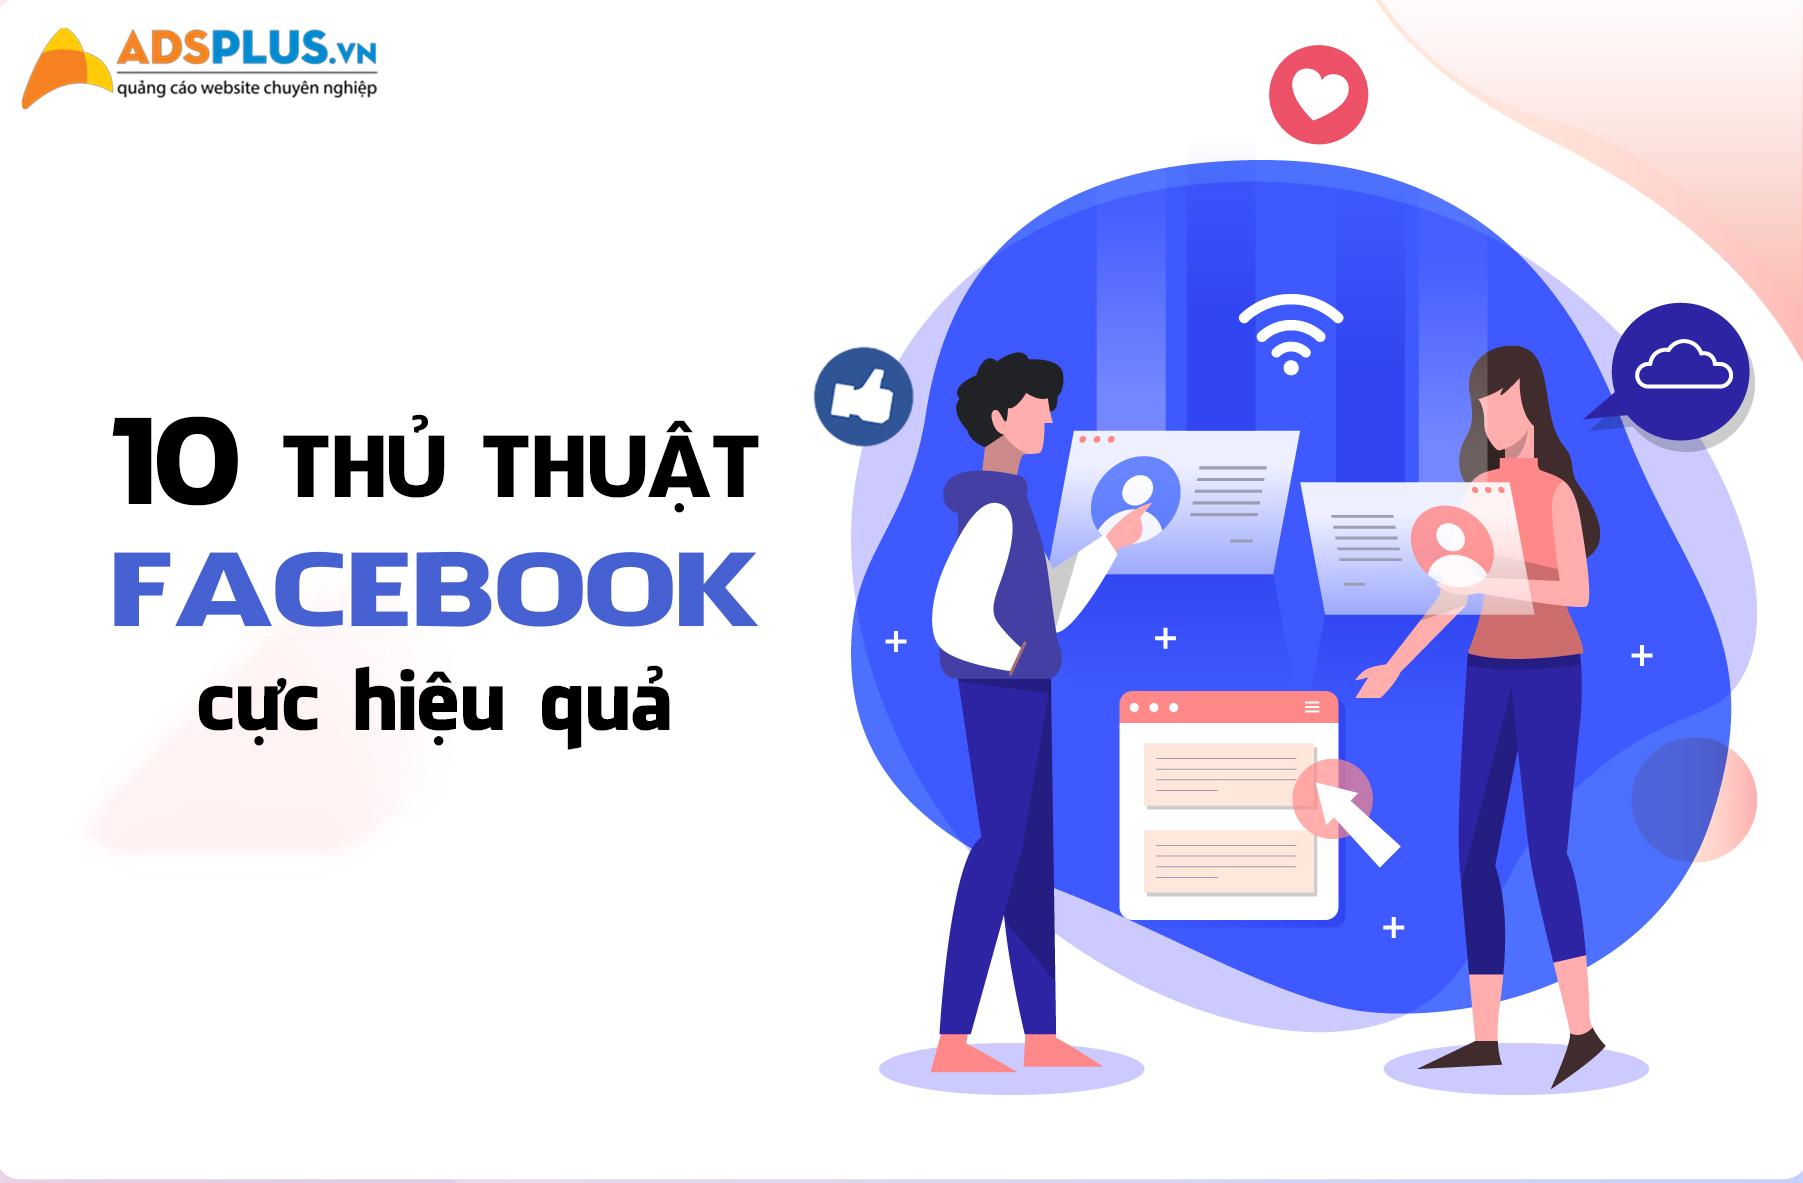 thủ thuật facebook 4